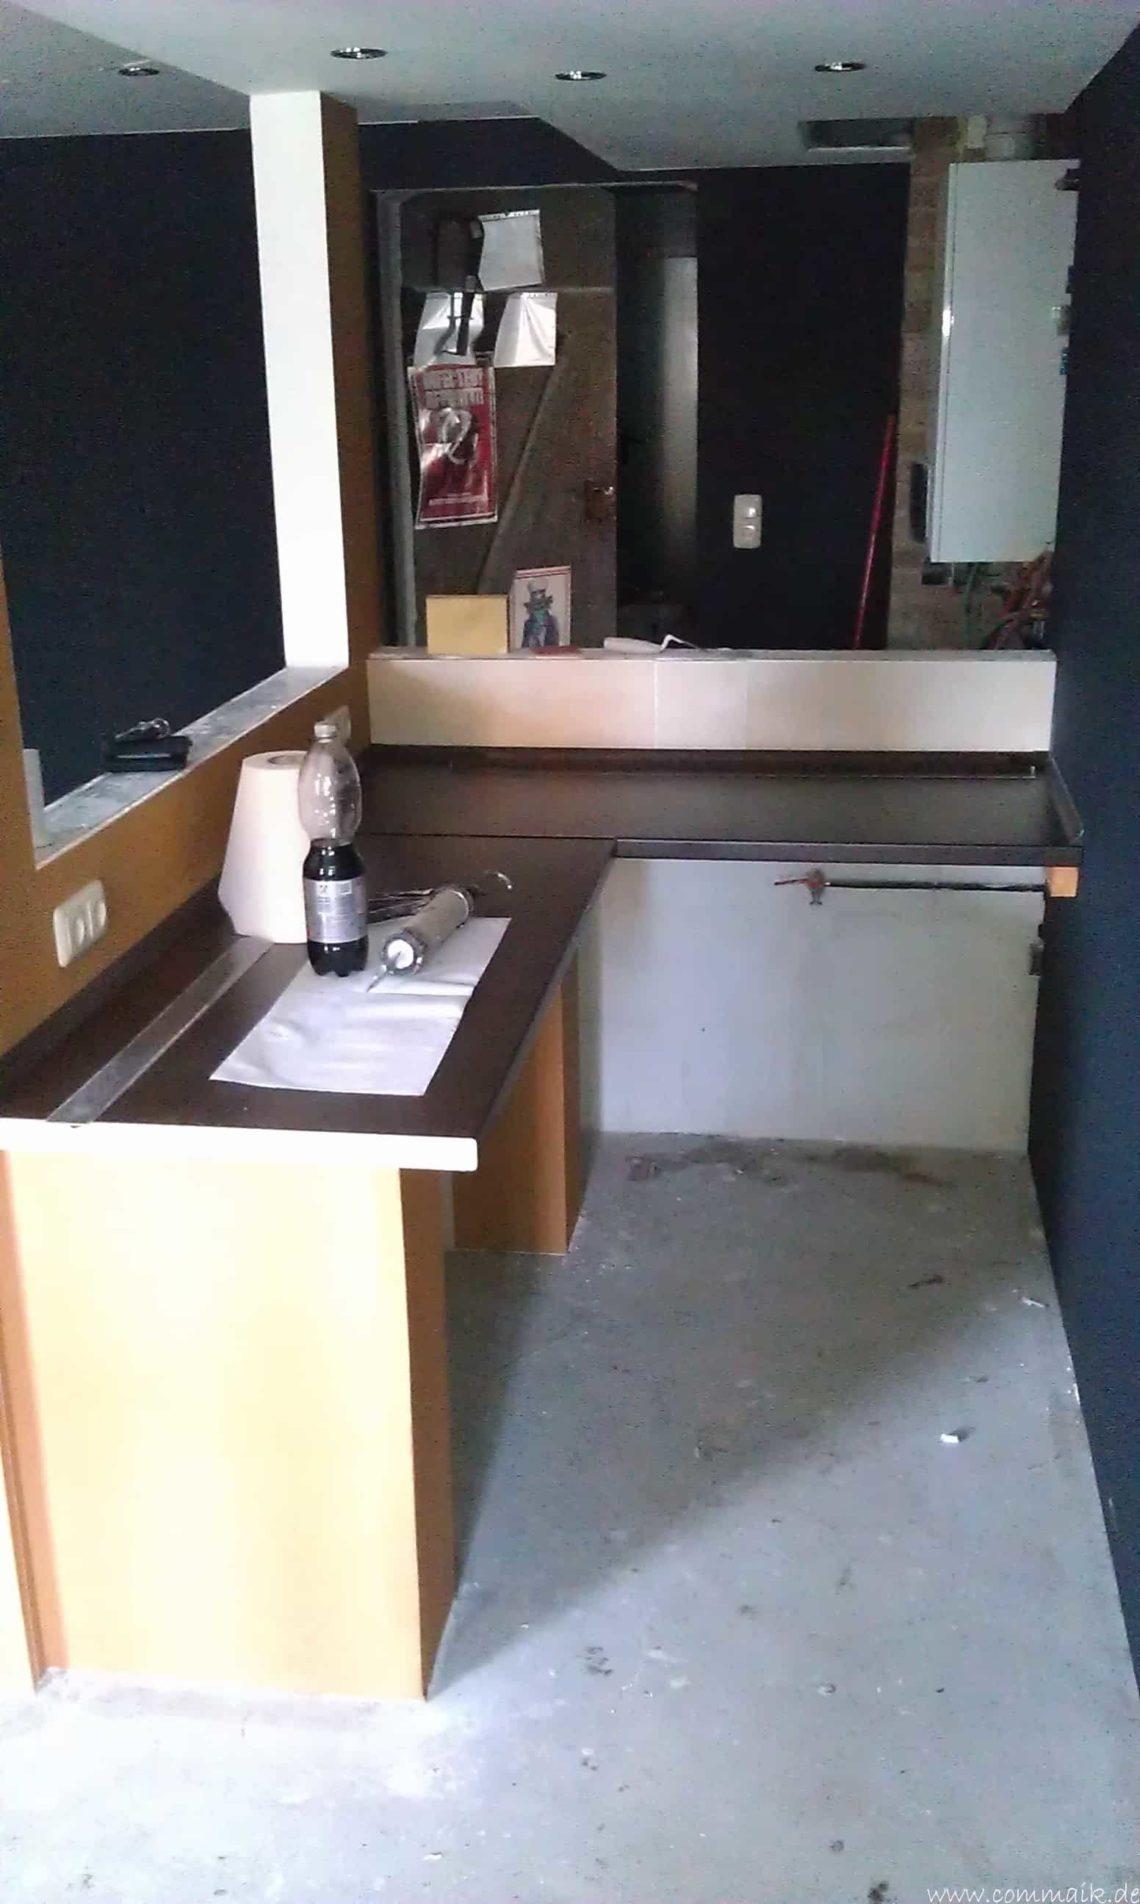 arbeitsplatte bartresen im keller1 - Partyraum im Keller - Die Bar bekommt eine Arbeitsplatte